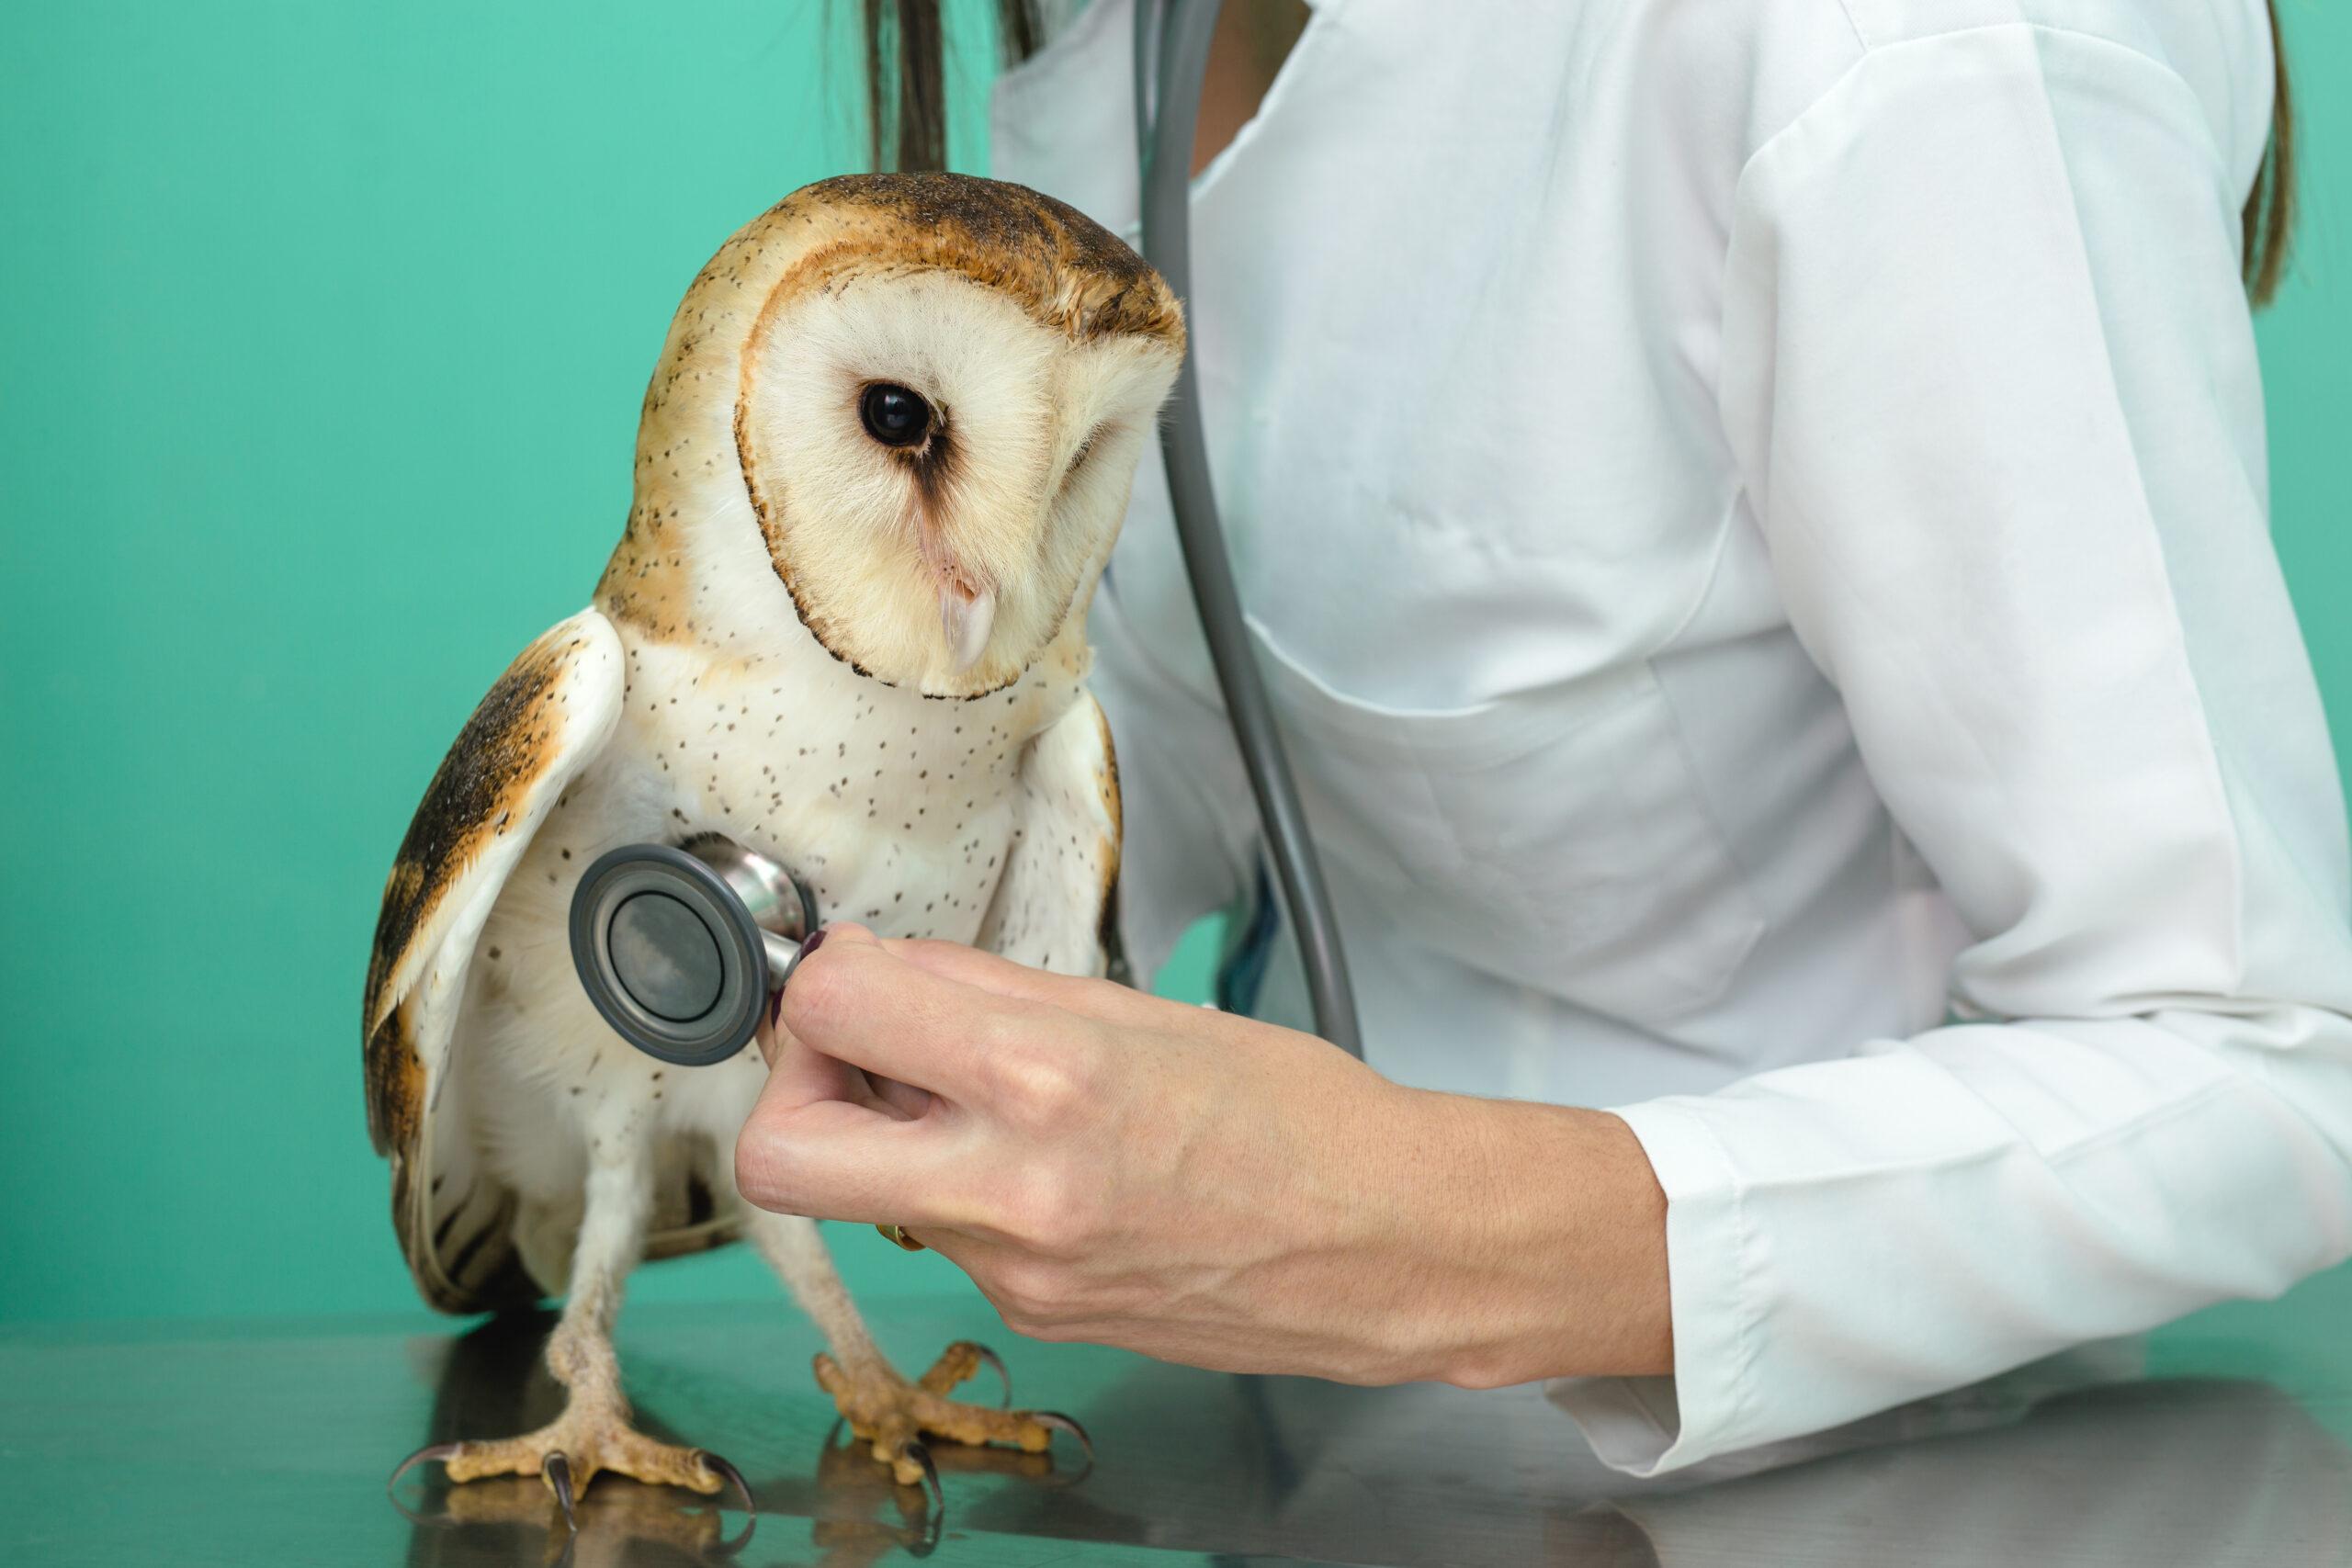 Manejo y cuidado de aves en la hospitalización